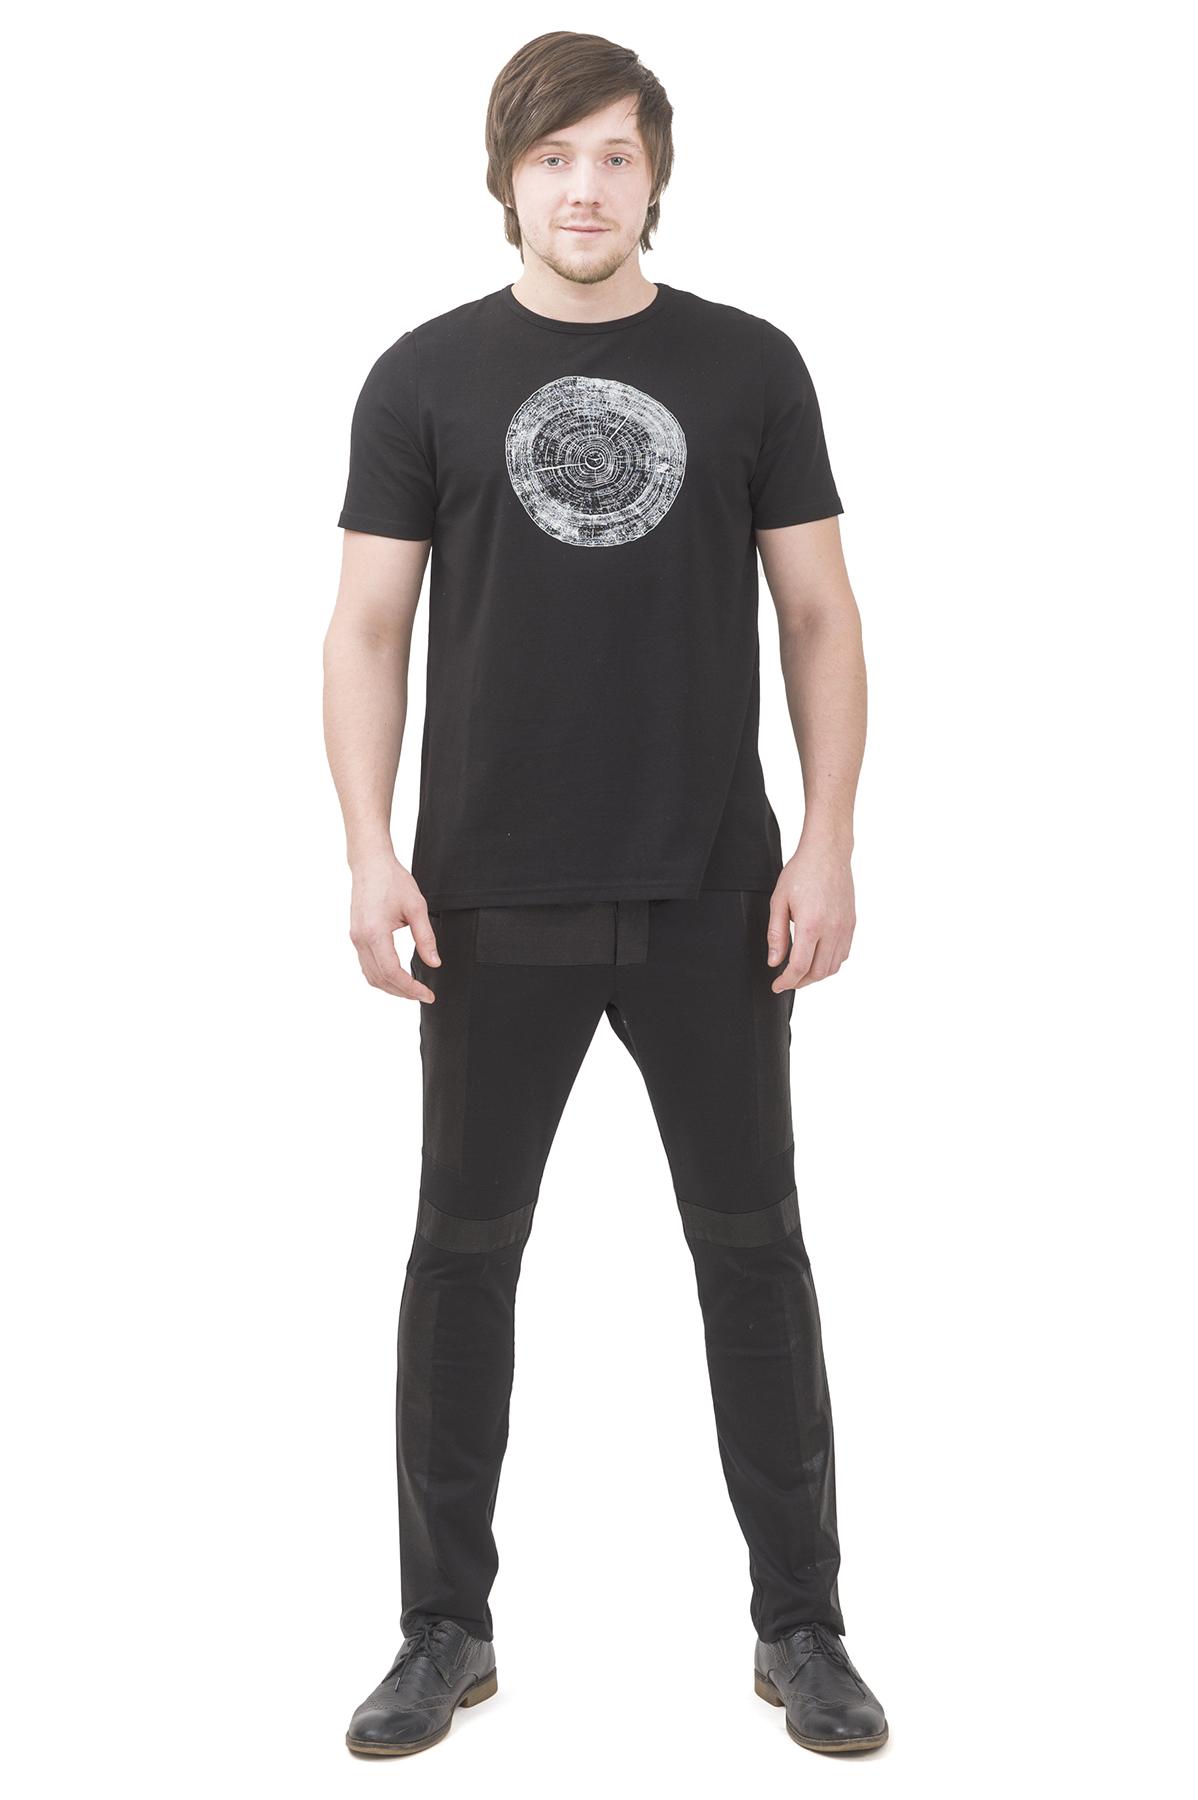 ФутболкаМужские футболки, джемпера<br>Футболка бренда Pavel Yerokin выполнена из хлопкового трикотажа. Особенности: свободный крой, круглый вырез, принт в стиле минимализма.<br><br>Цвет: черный<br>Состав: Хлопок - 92%, Эластан - 8%<br>Размер: 44,46,48,50,52,54,56,58,60<br>Страна дизайна: Россия<br>Страна производства: Россия